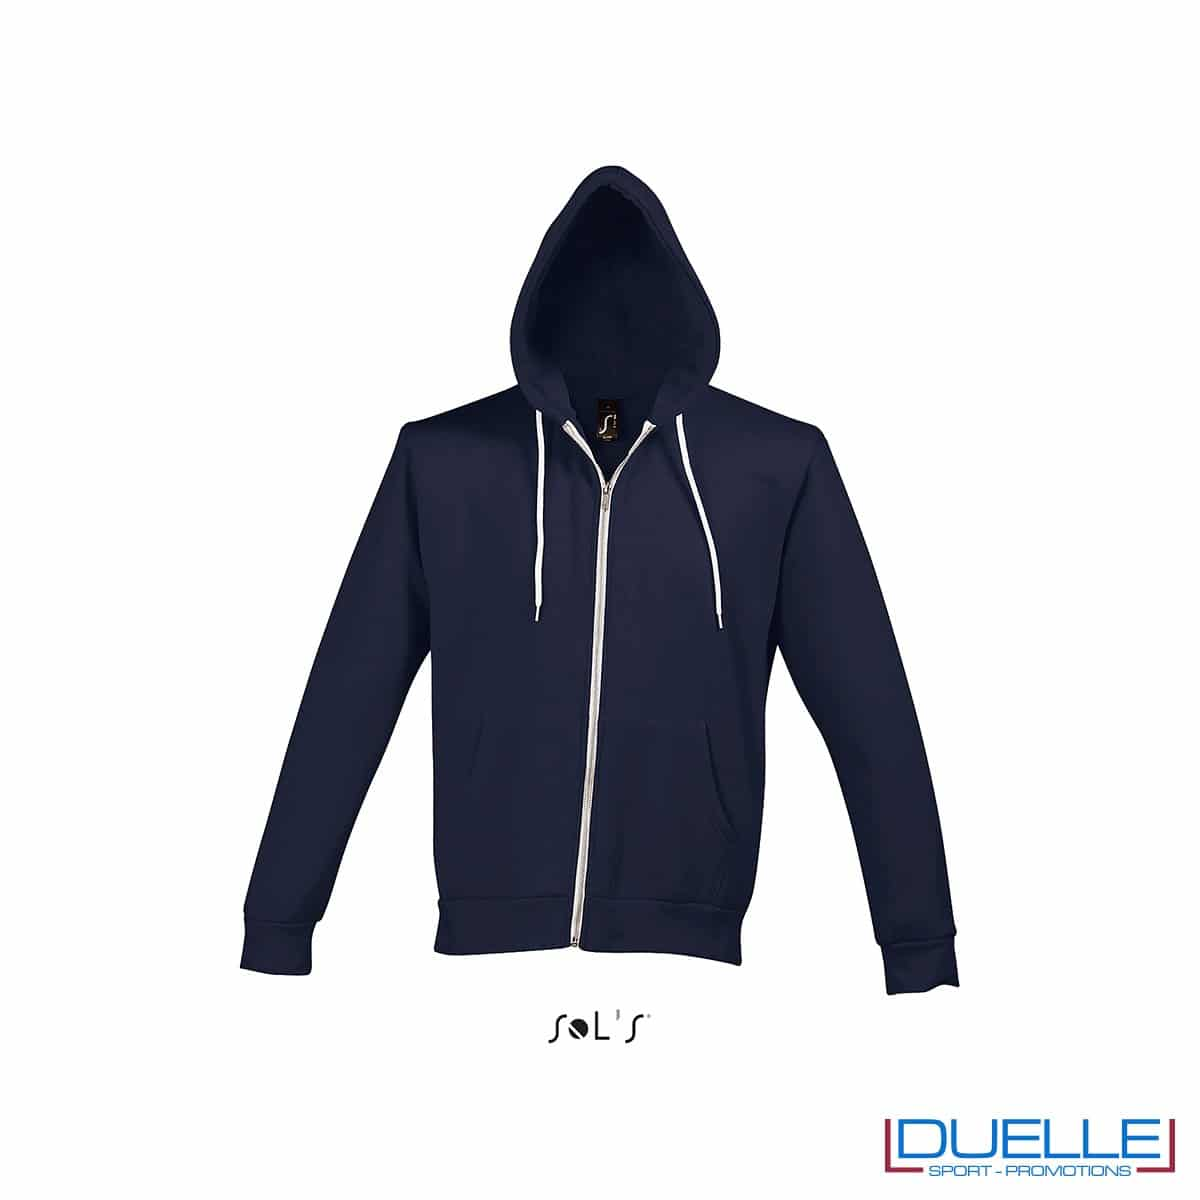 felpa personalizzata con cappuccio full zip e particolari a contrasto colore blu navy, felpa personalizzata, abbigliamento promozionale personalizzato